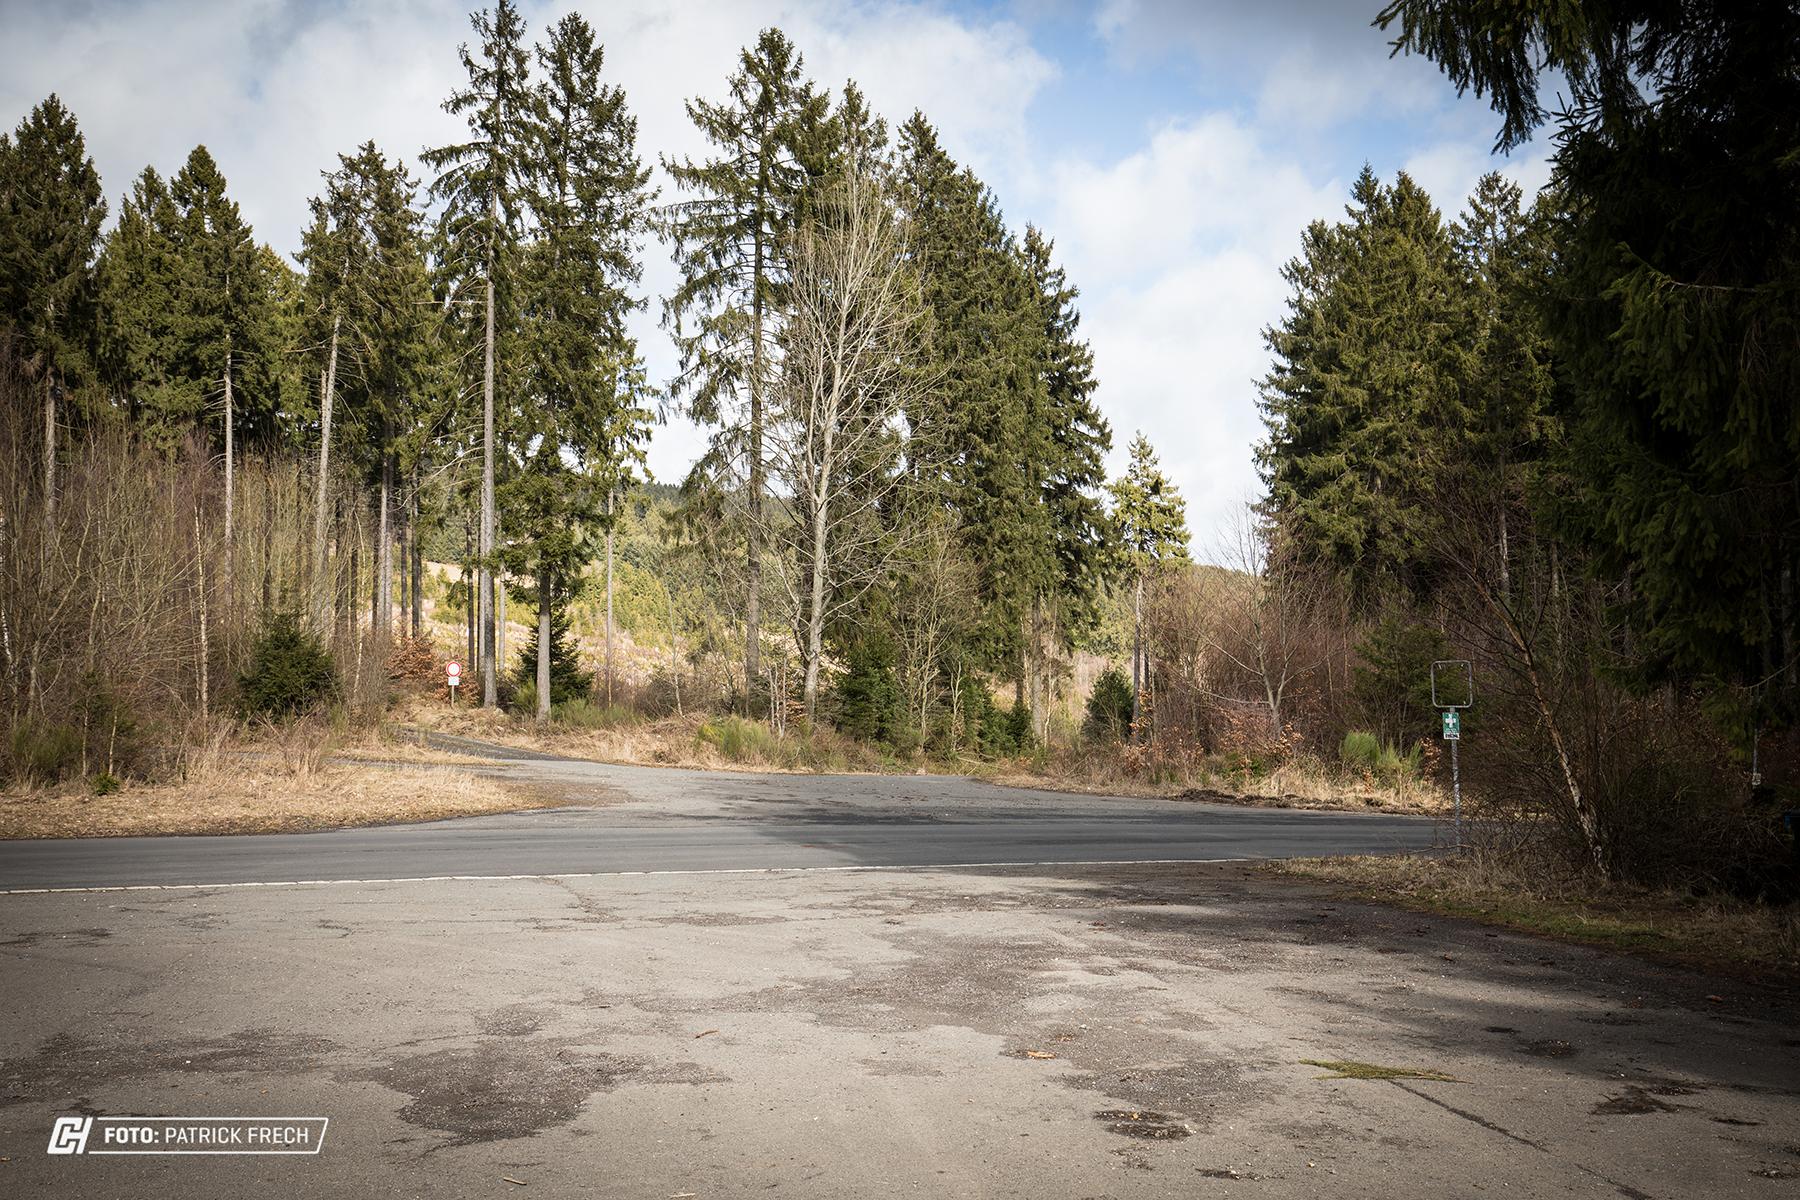 Der unscheinbare Parkplatz mit Blick auf die Fläche, wo in Zukunft das Testcenter stehen soll.